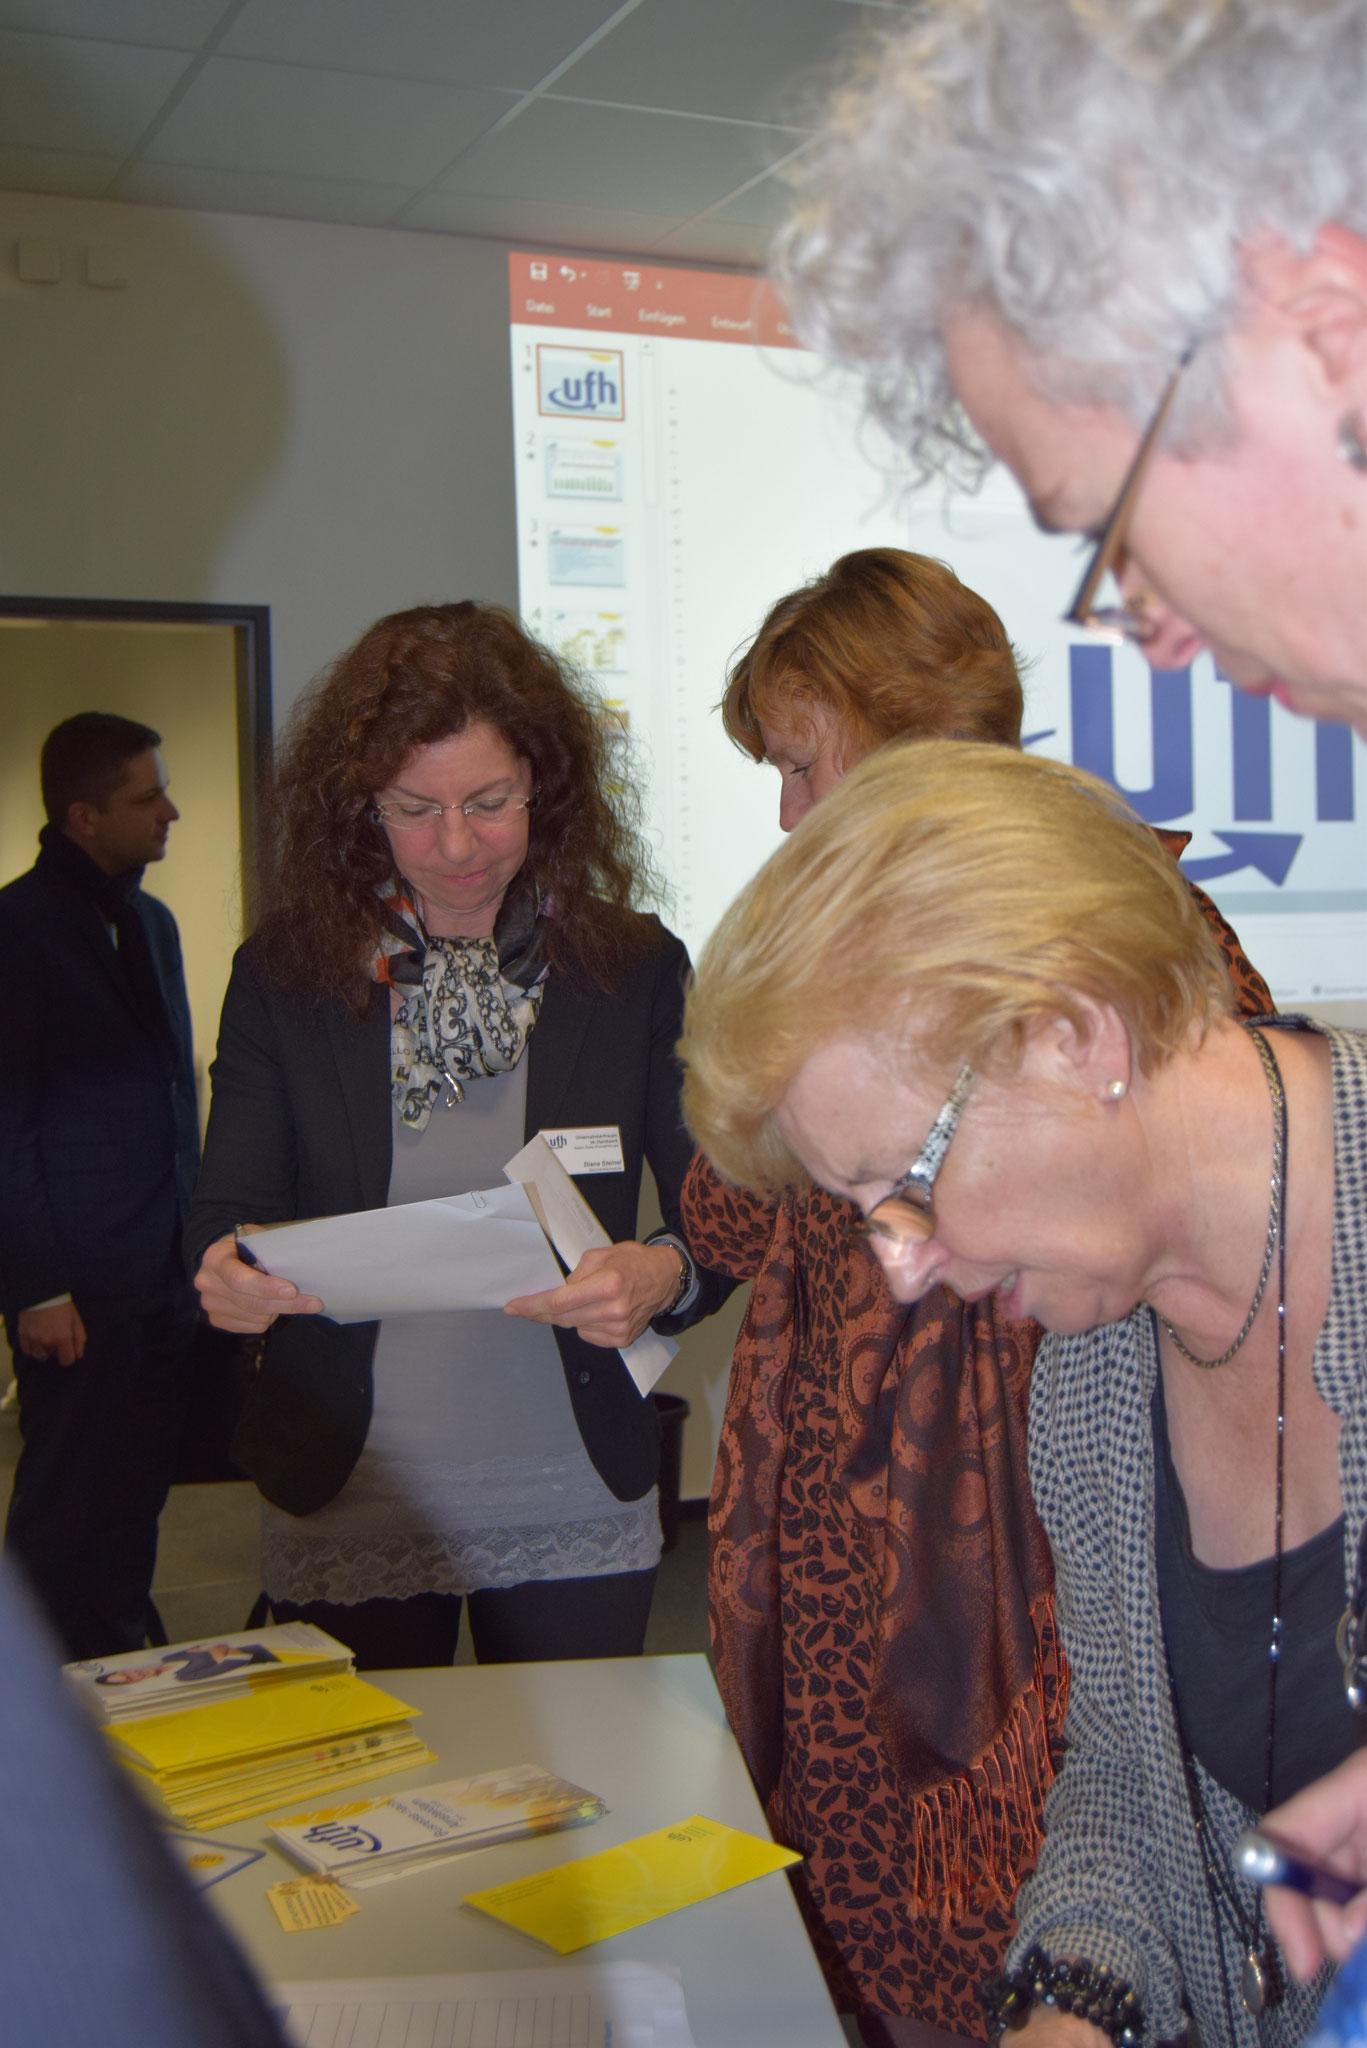 01-18 JHV Programm und Infos sind gefragt